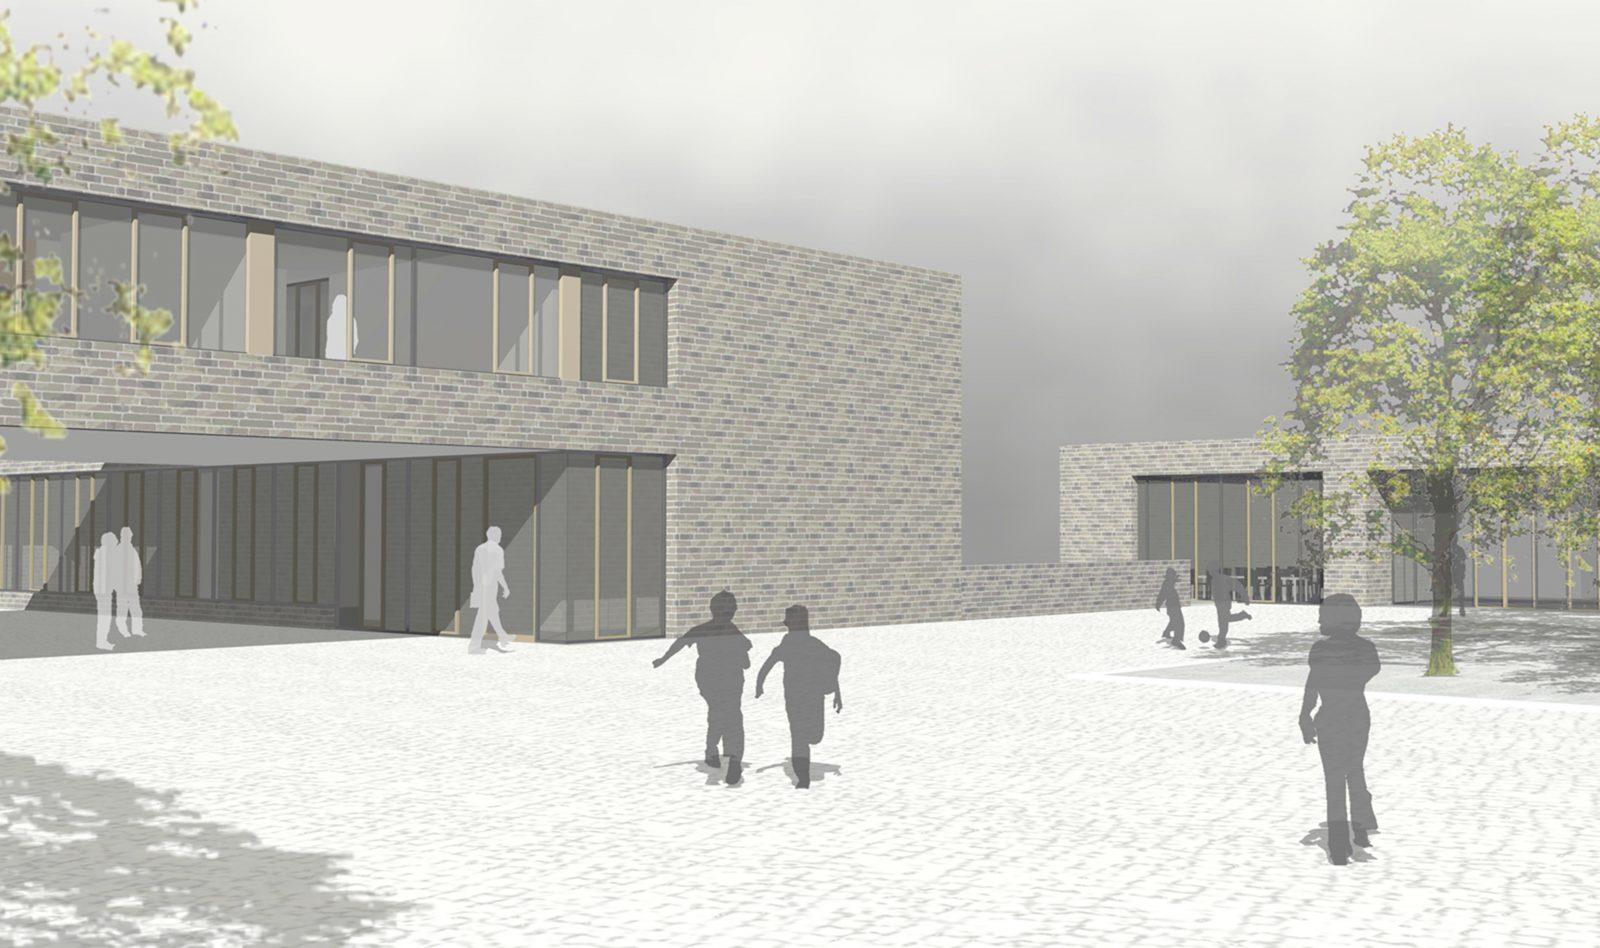 Perspektive-Wettbewerb-Grundschule Bad Soden-4.Preis-2011-© Friedrich-Poerschke-Zwink-Architekten